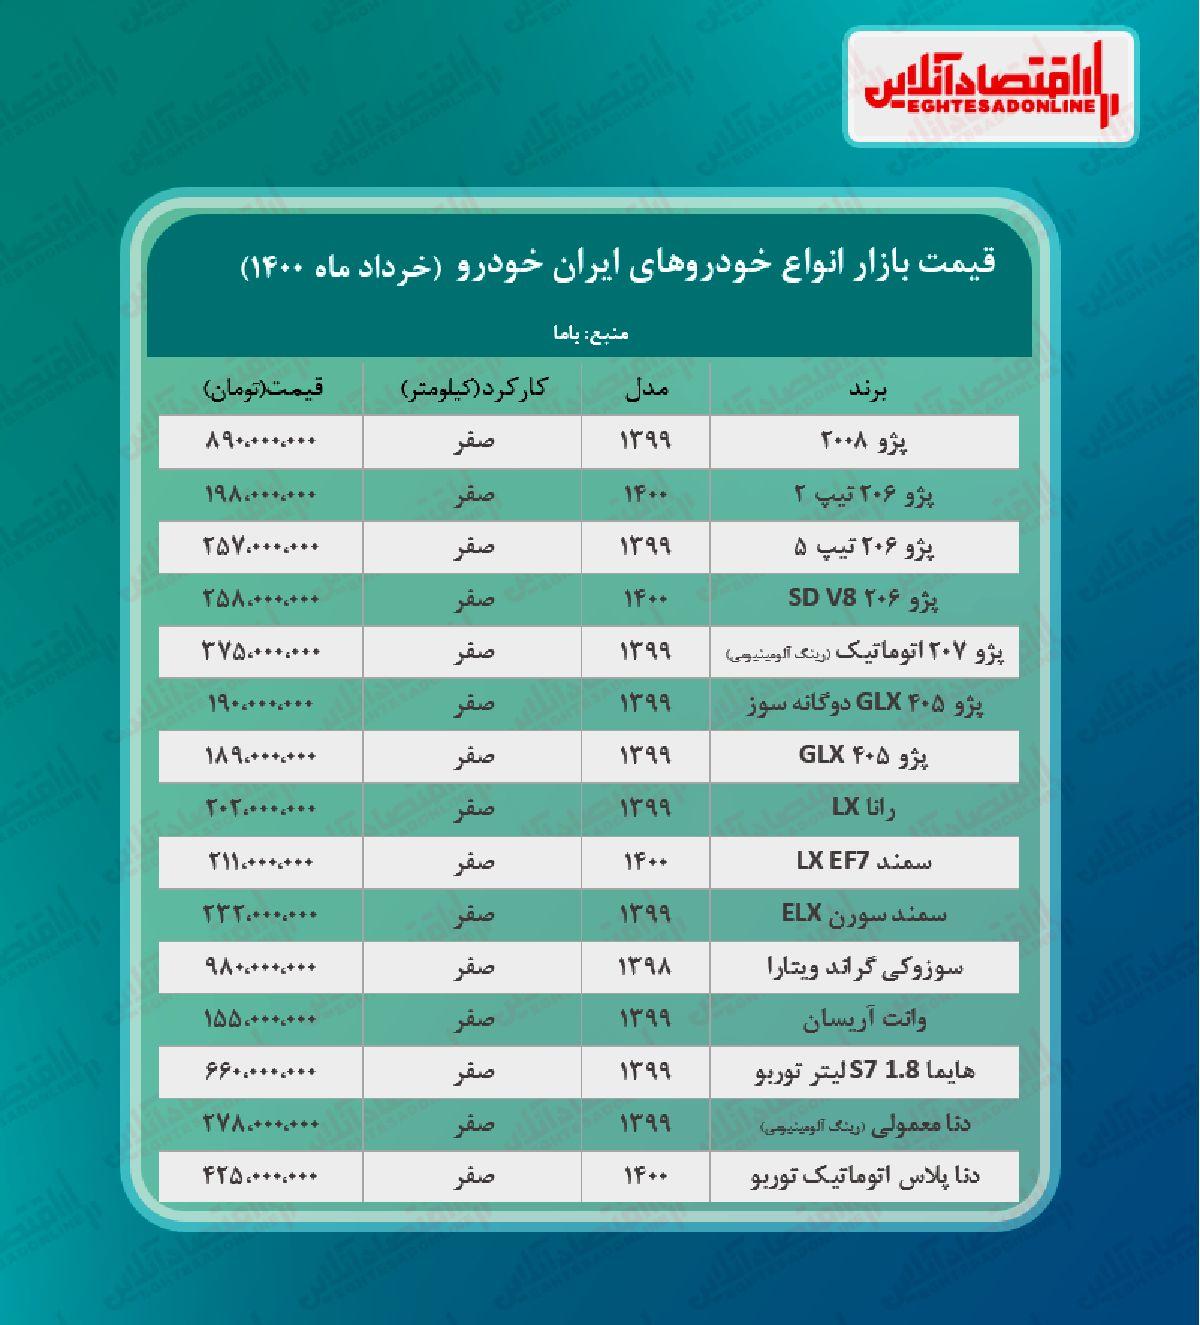 قیمت محصولات ایران خودرو امروز ۱۴۰۰/۳/۲